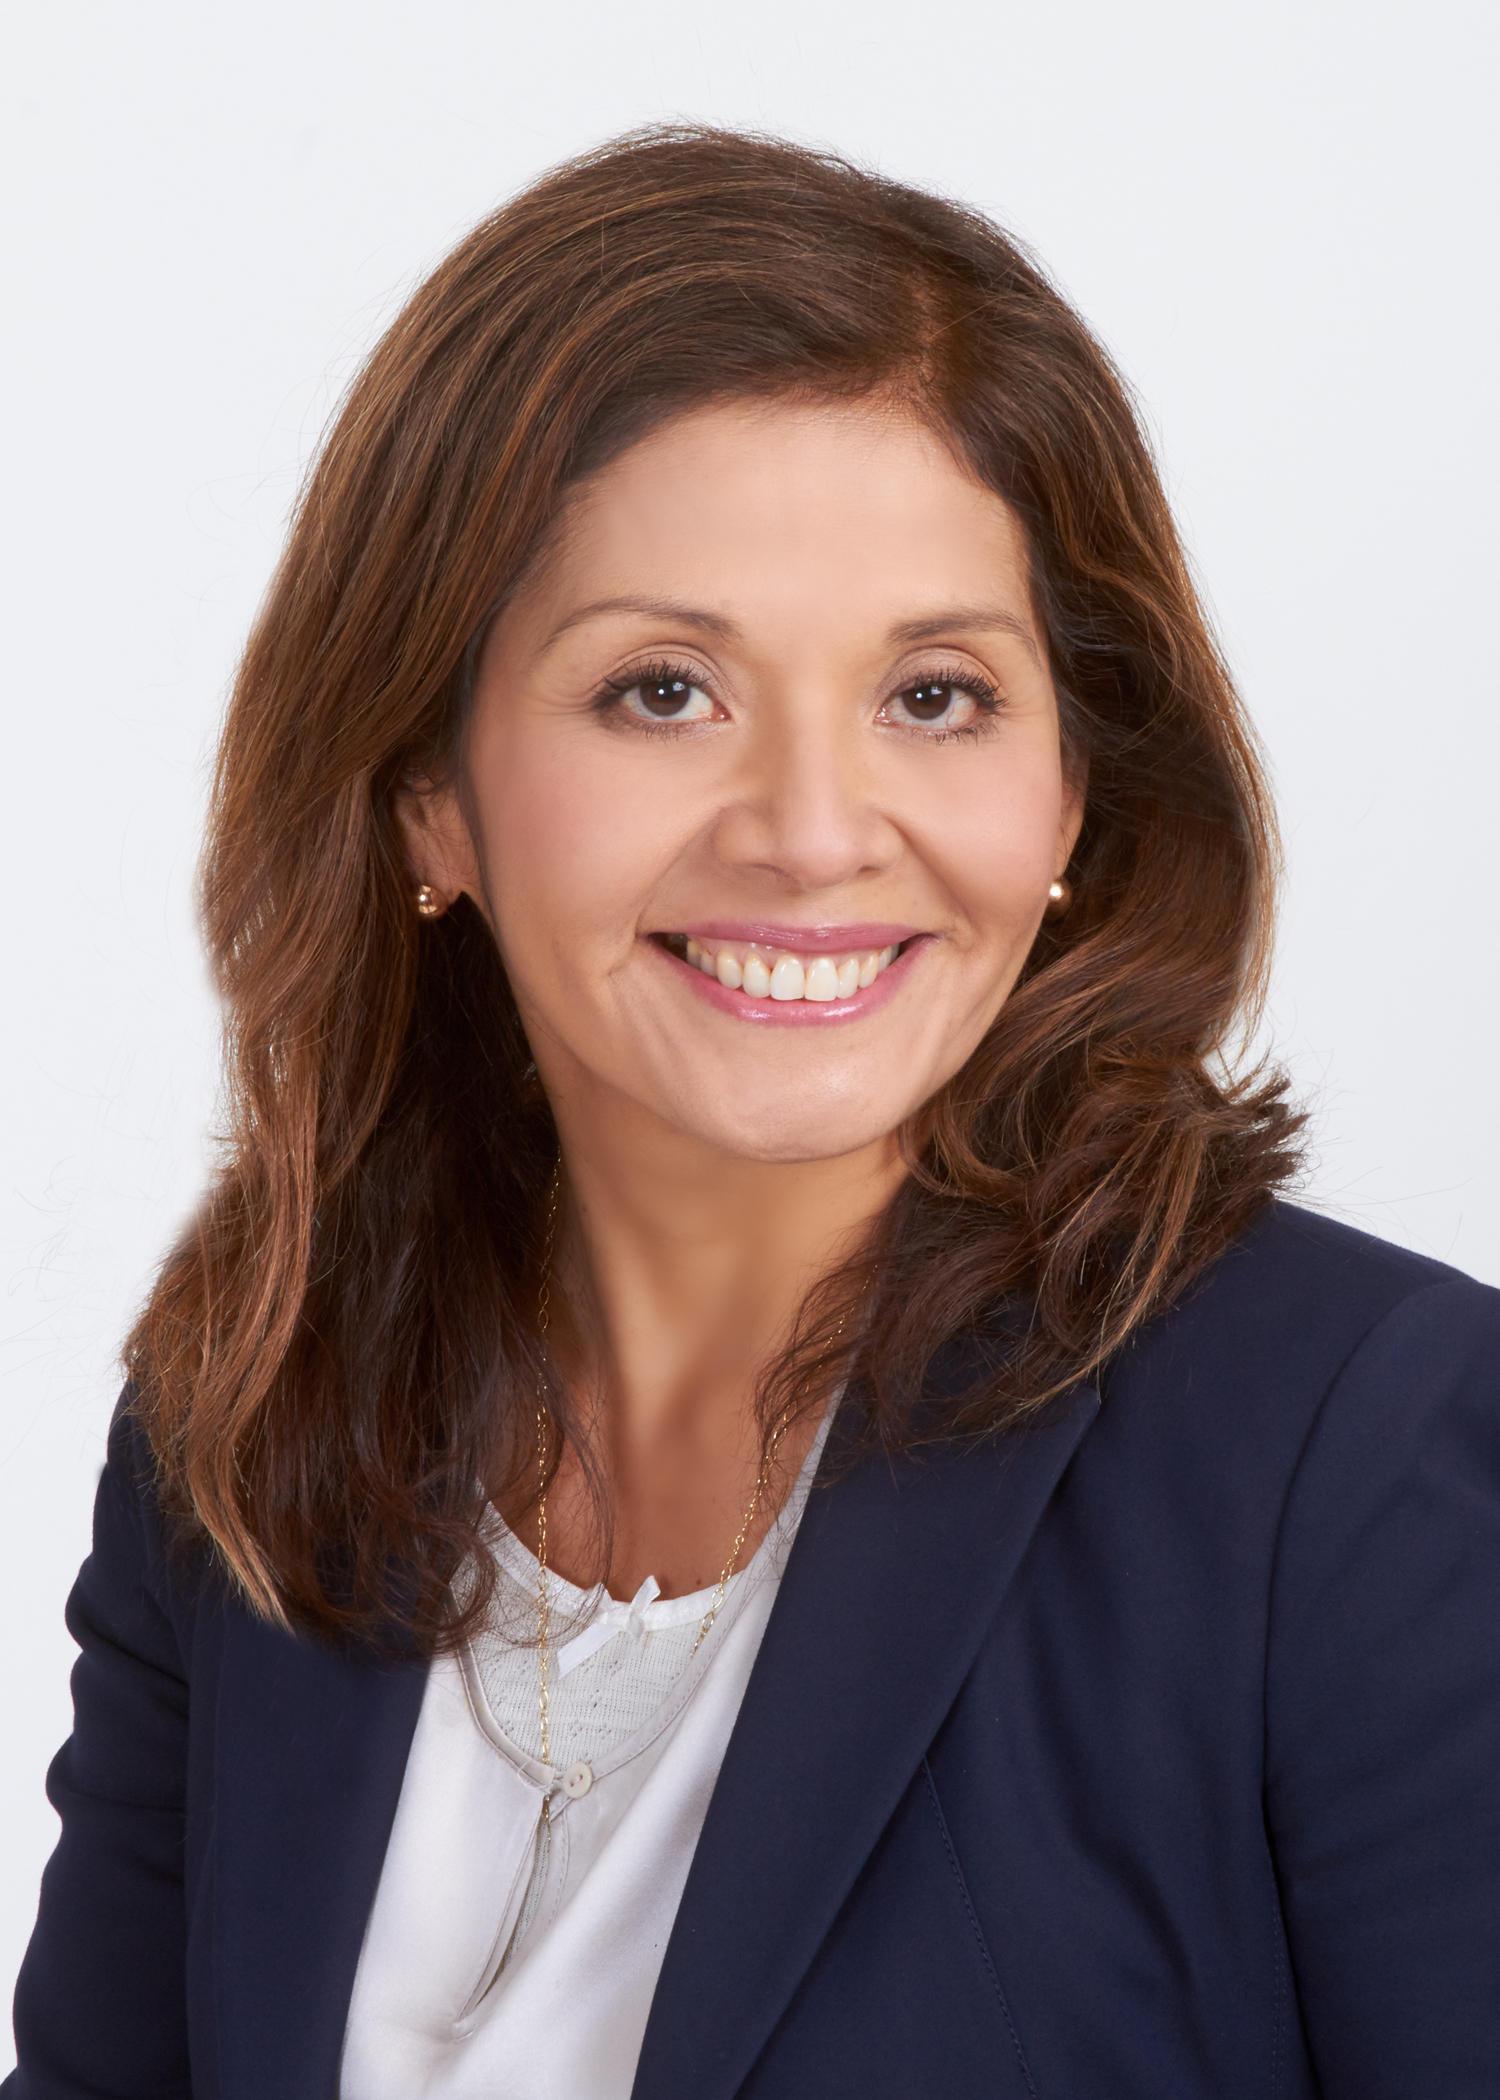 Allstate Insurance: Mariella Cuccolo - Darien, CT 06820 - (203) 656-1600 | ShowMeLocal.com